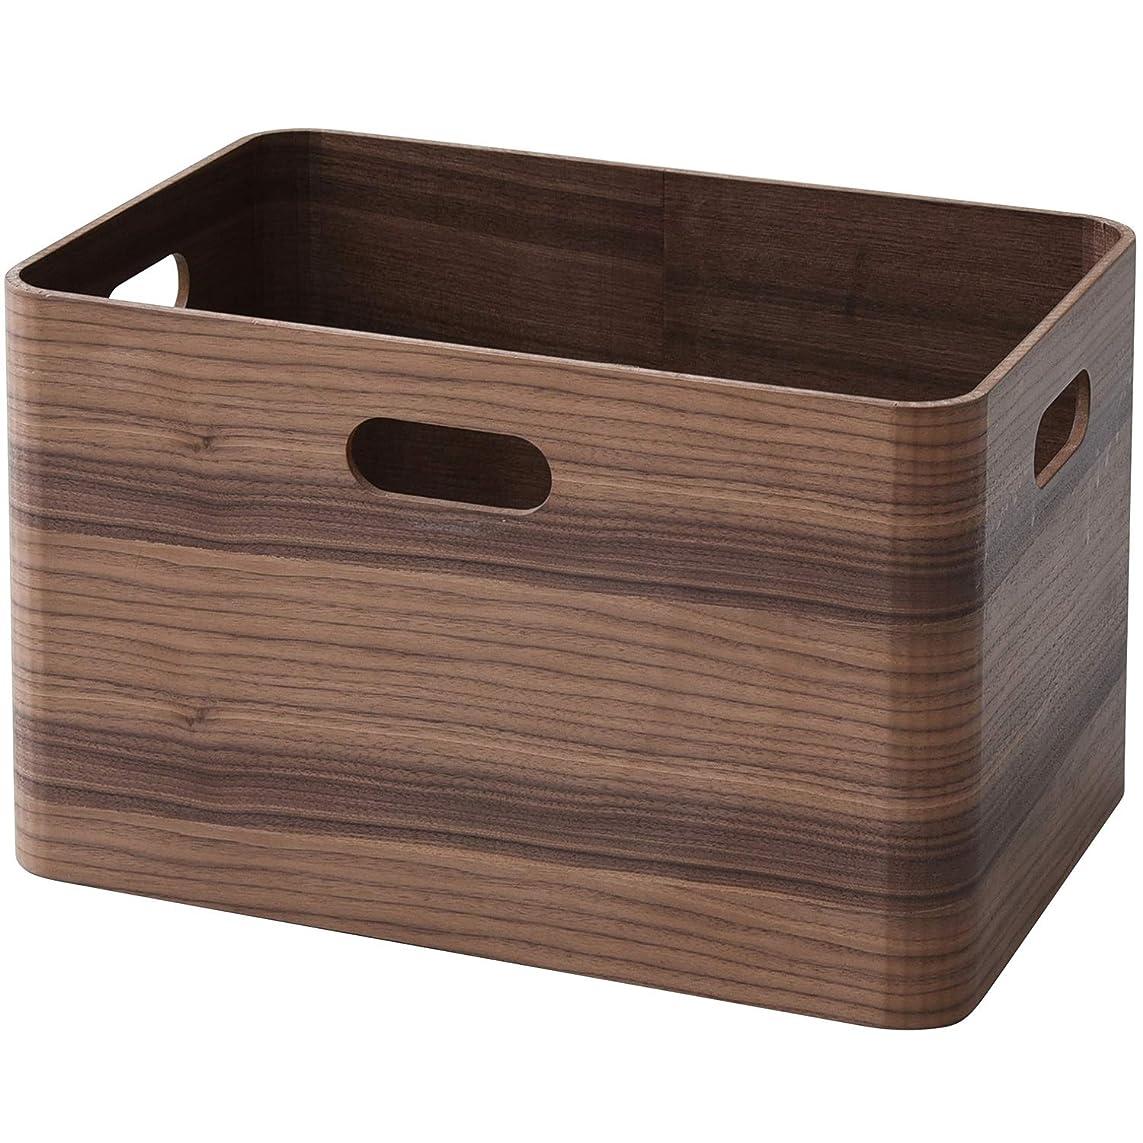 パスタ嵐が丘野球山善(YAMAZEN) 収納ボックス ブラウン(ウォルナット材) レギュラー 完成品 天然木(ウォールナット材)使用 TSB-1(BR)